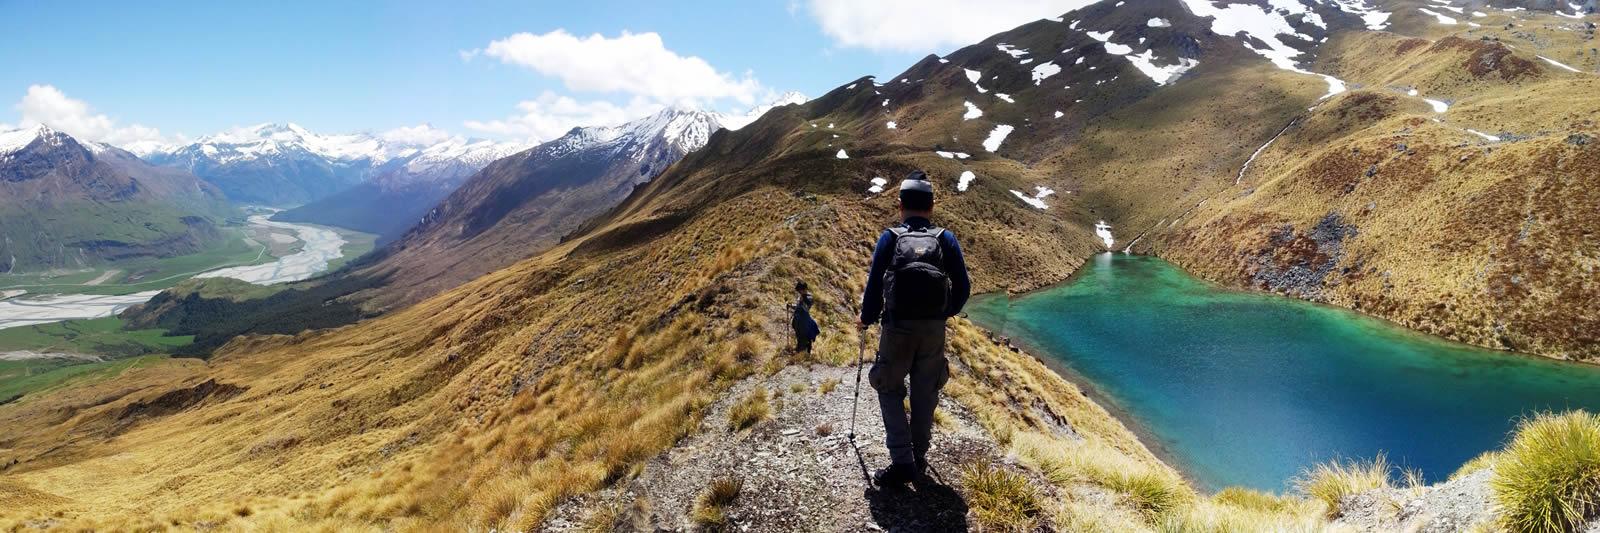 Wanaka Heli Hiking Guides | Eco Wanaka